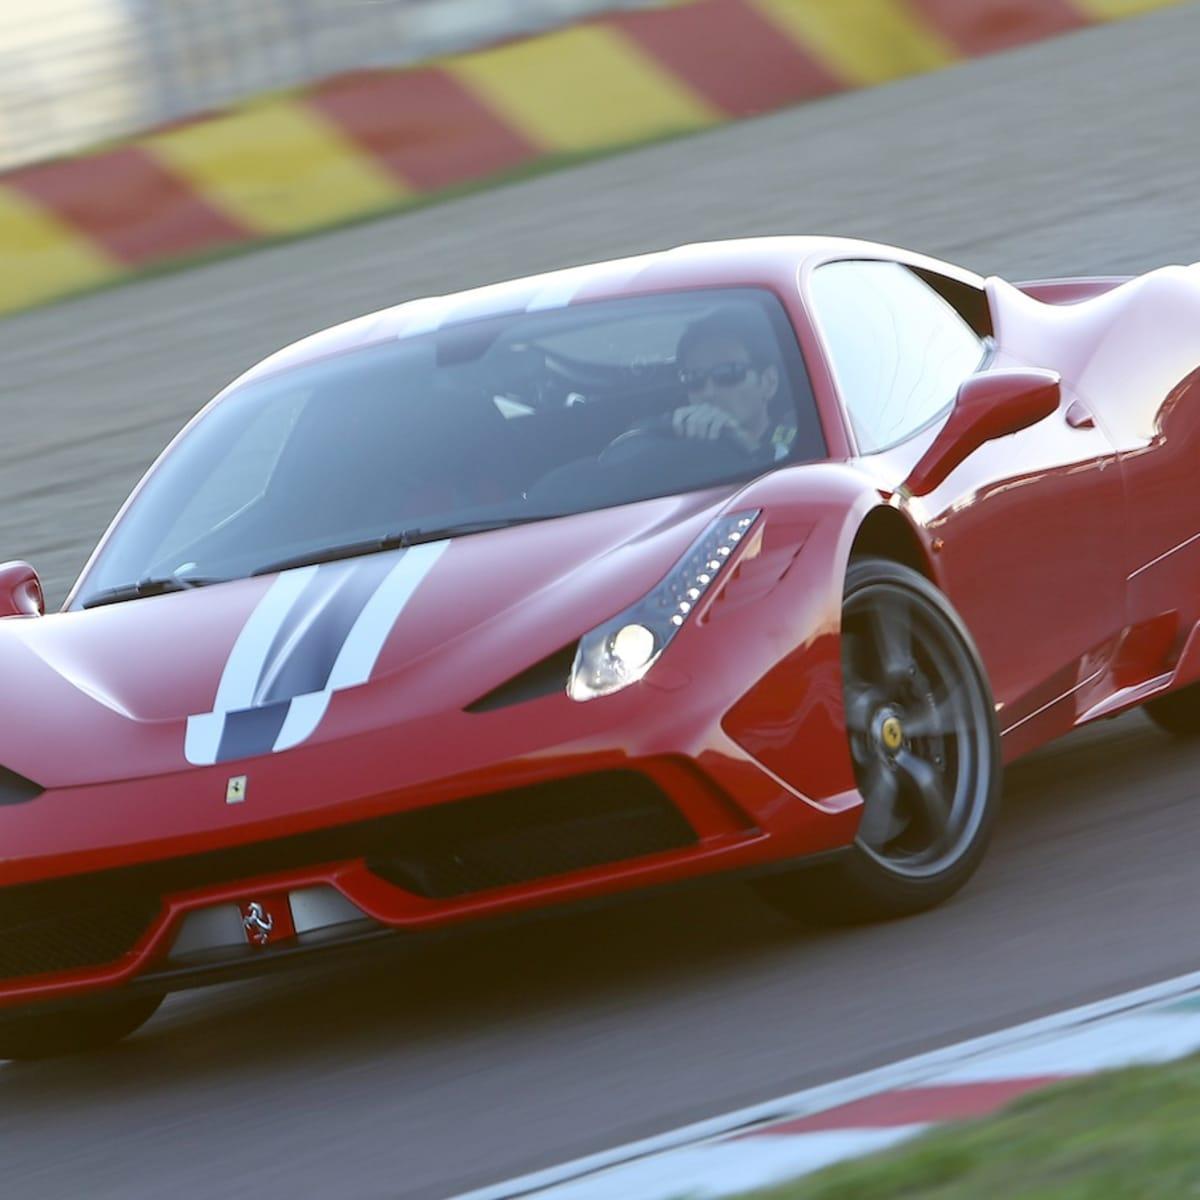 Ferrari 458 Speciale 550k Supercar Debuts In Australia Caradvice